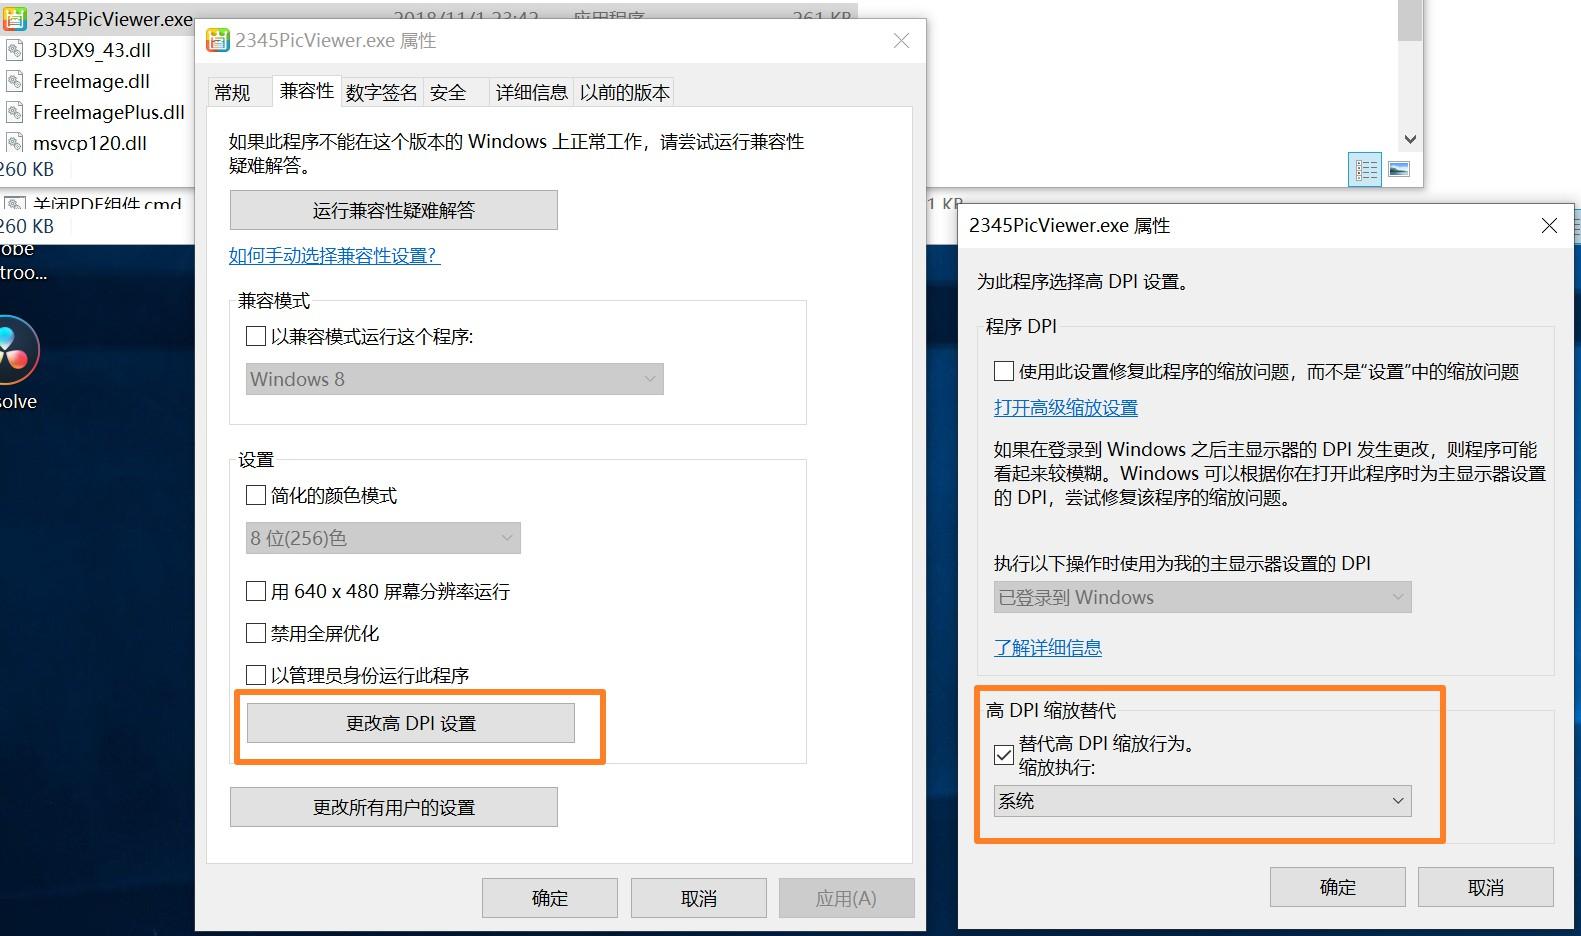 《2345看图王 在Win10上大尺寸显示器上闪退的问题解决办法(就是根本运行不了软件)》